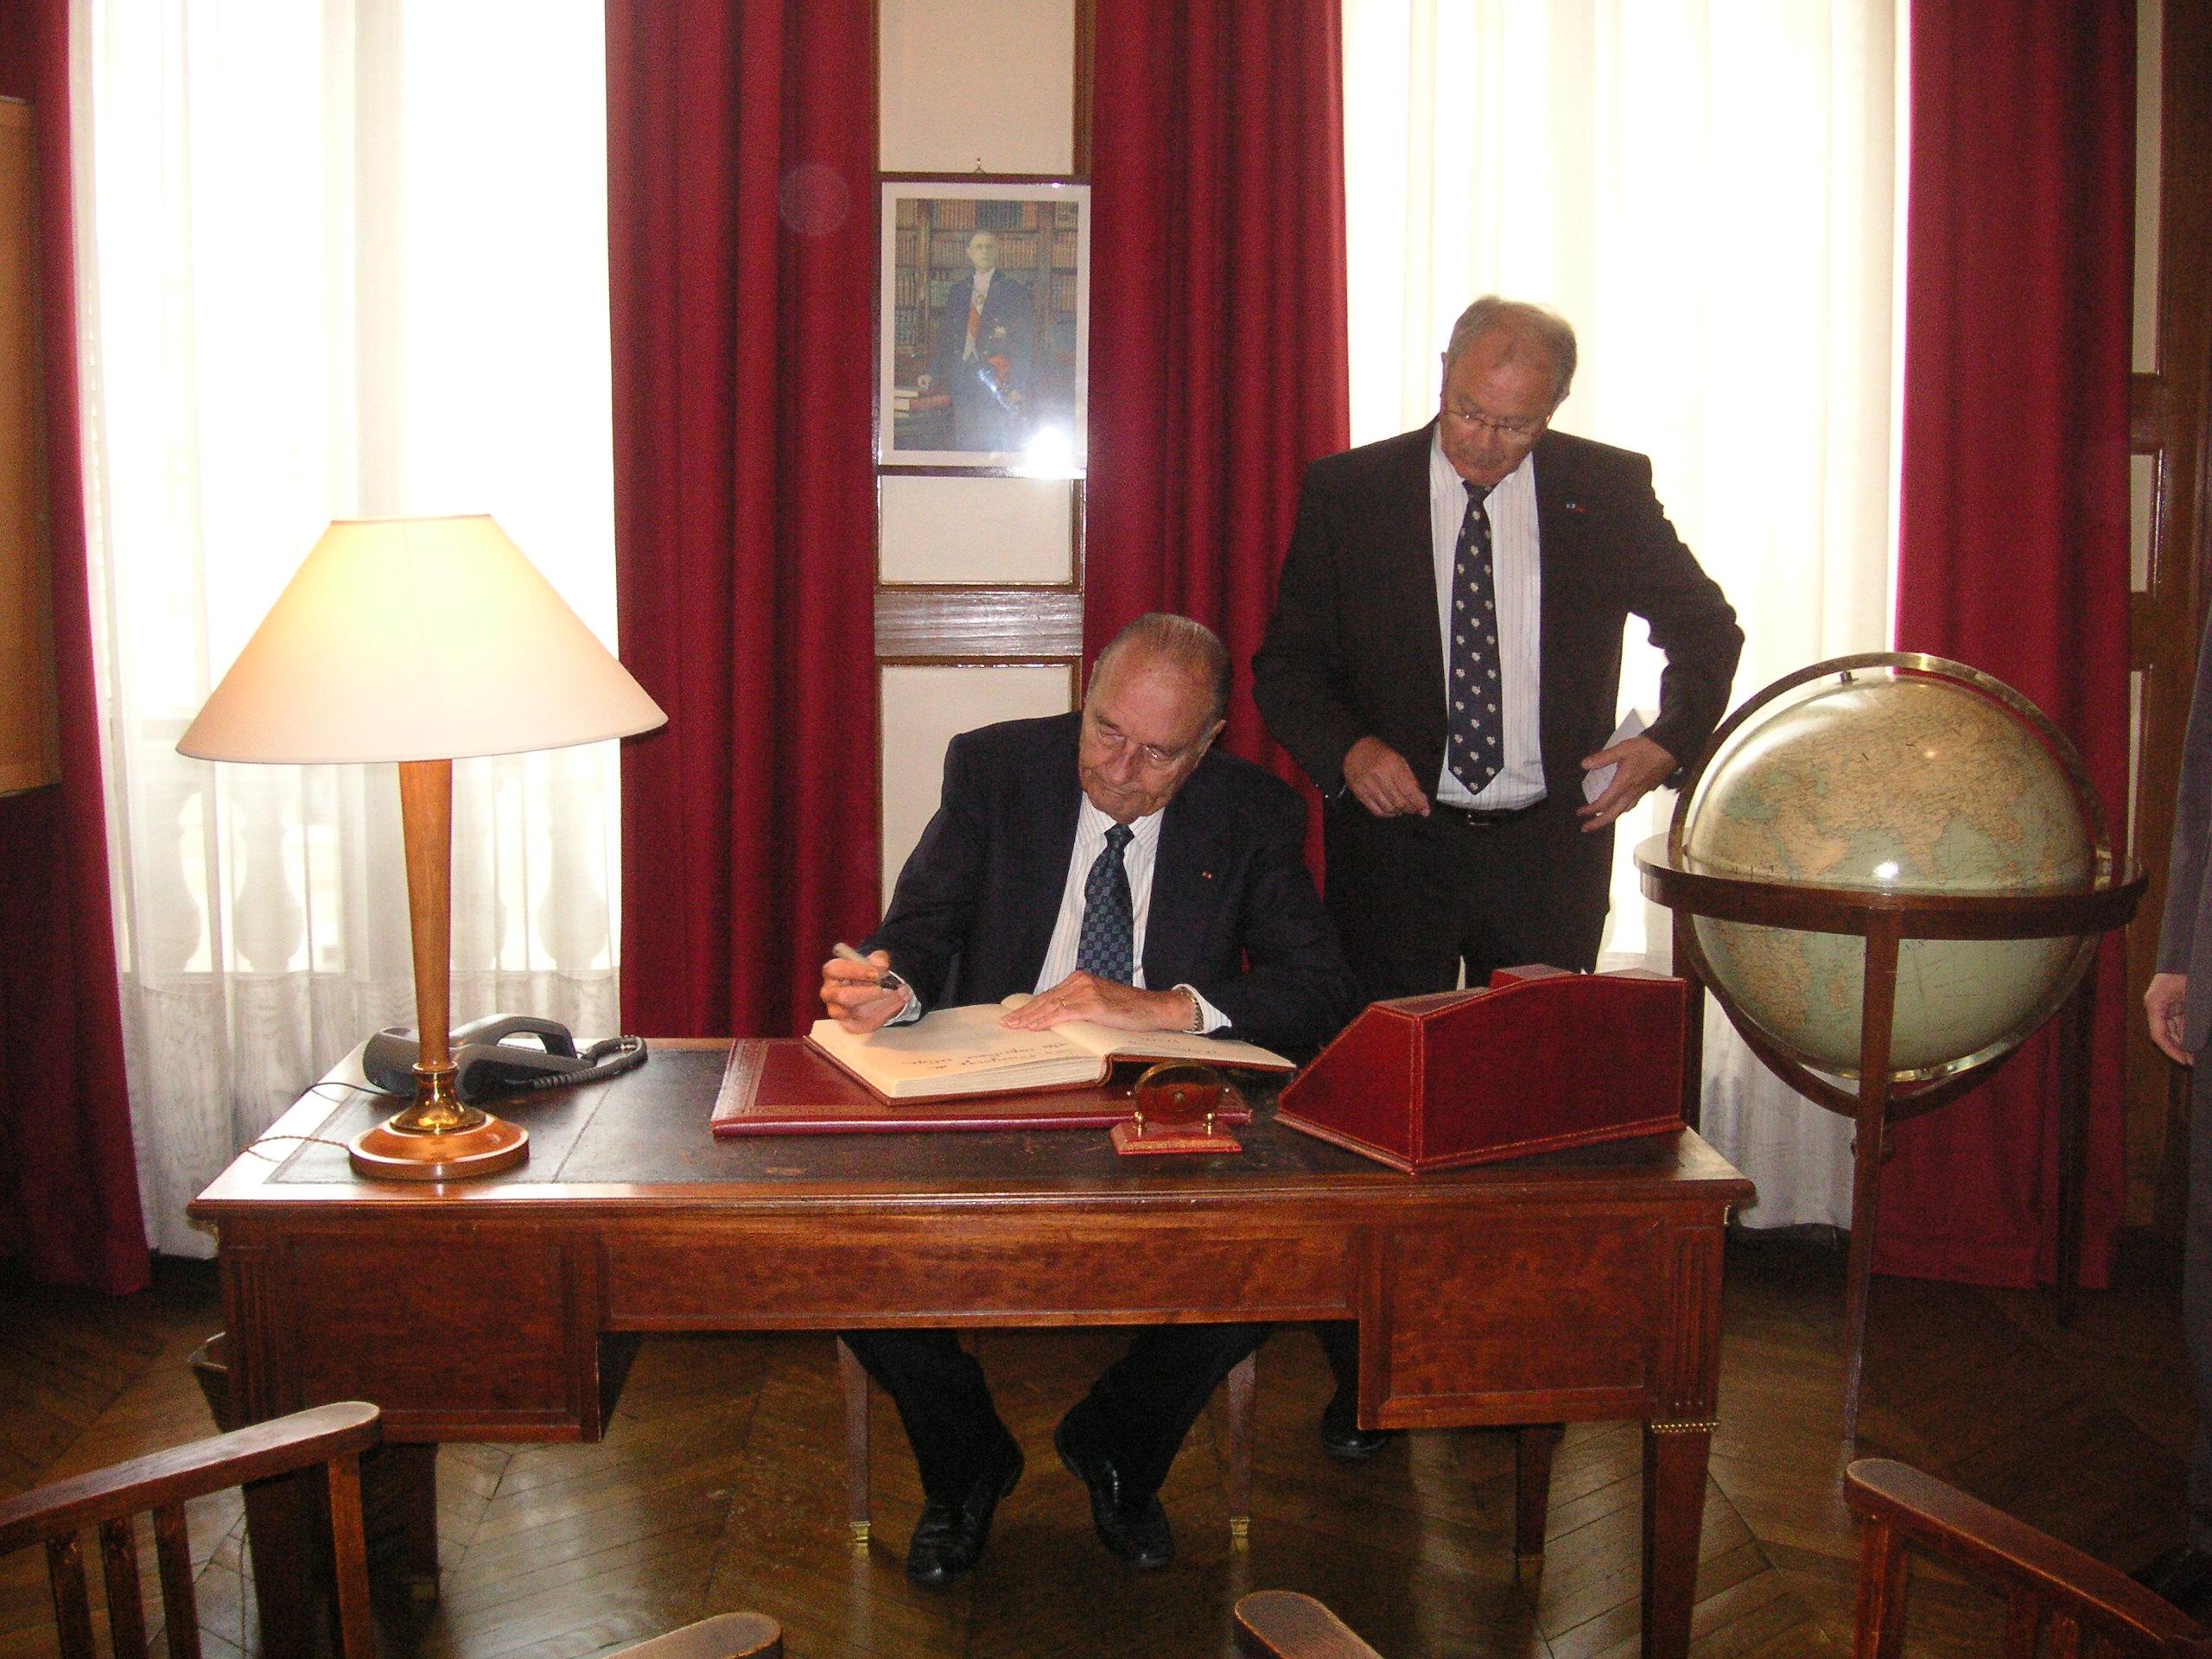 Visite privée de Jacques Chirac à la Fondation Charles de Gaulle, le 18 septembre 2012. Avec Jacques Godfrain, président.